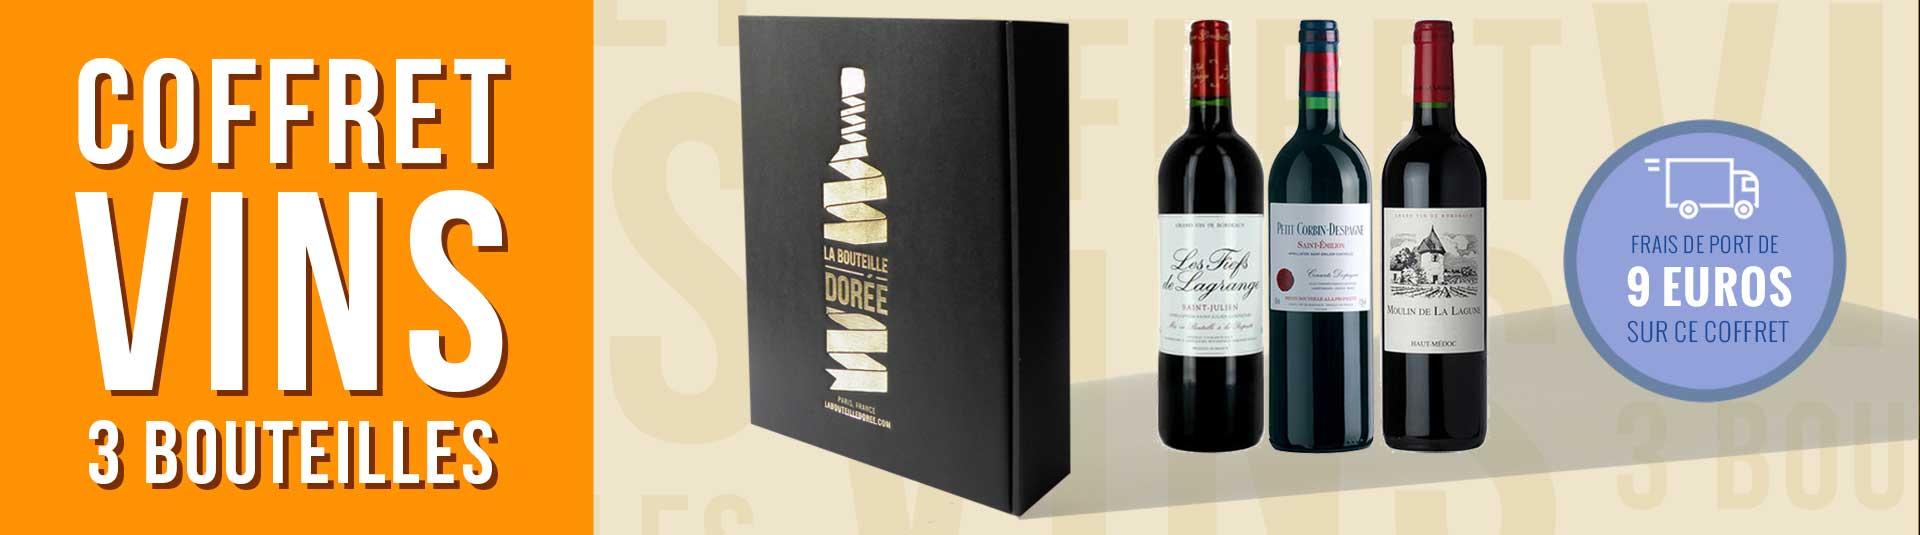 coffret vin Bordeaux seconds vins 3 bouteilles